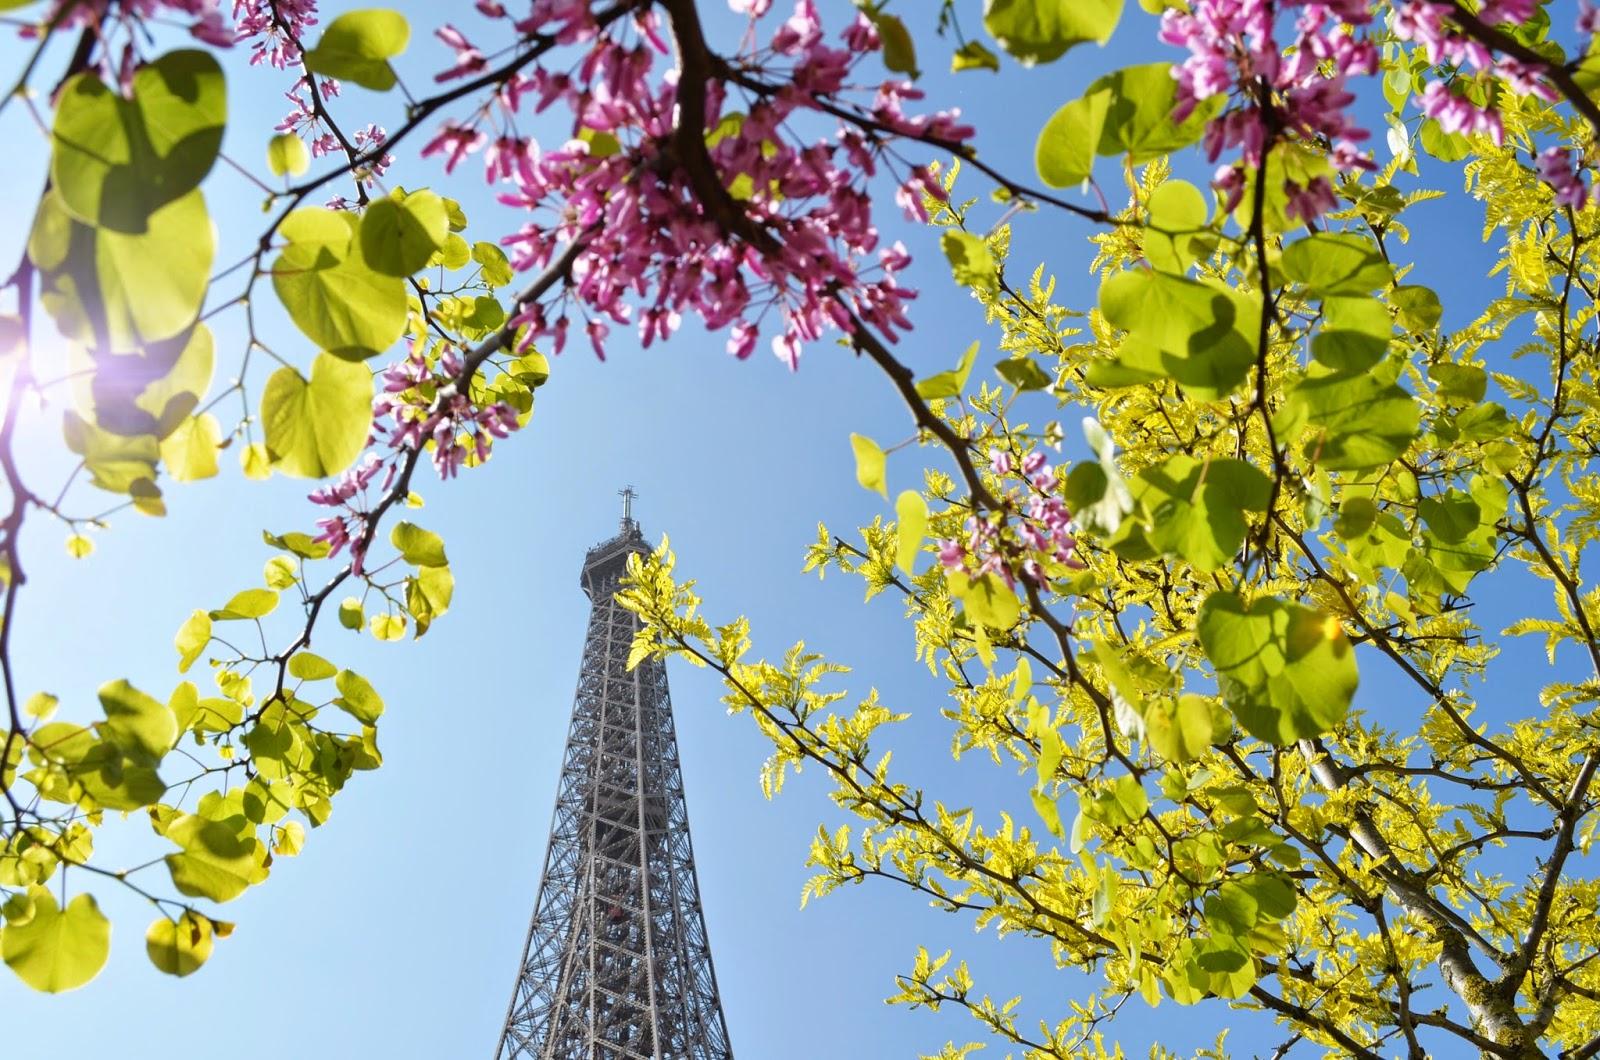 A l'occasion d'une bonne journée ensoleillée, pourquoi ne pas se promener dans les jardins de la capitale ?